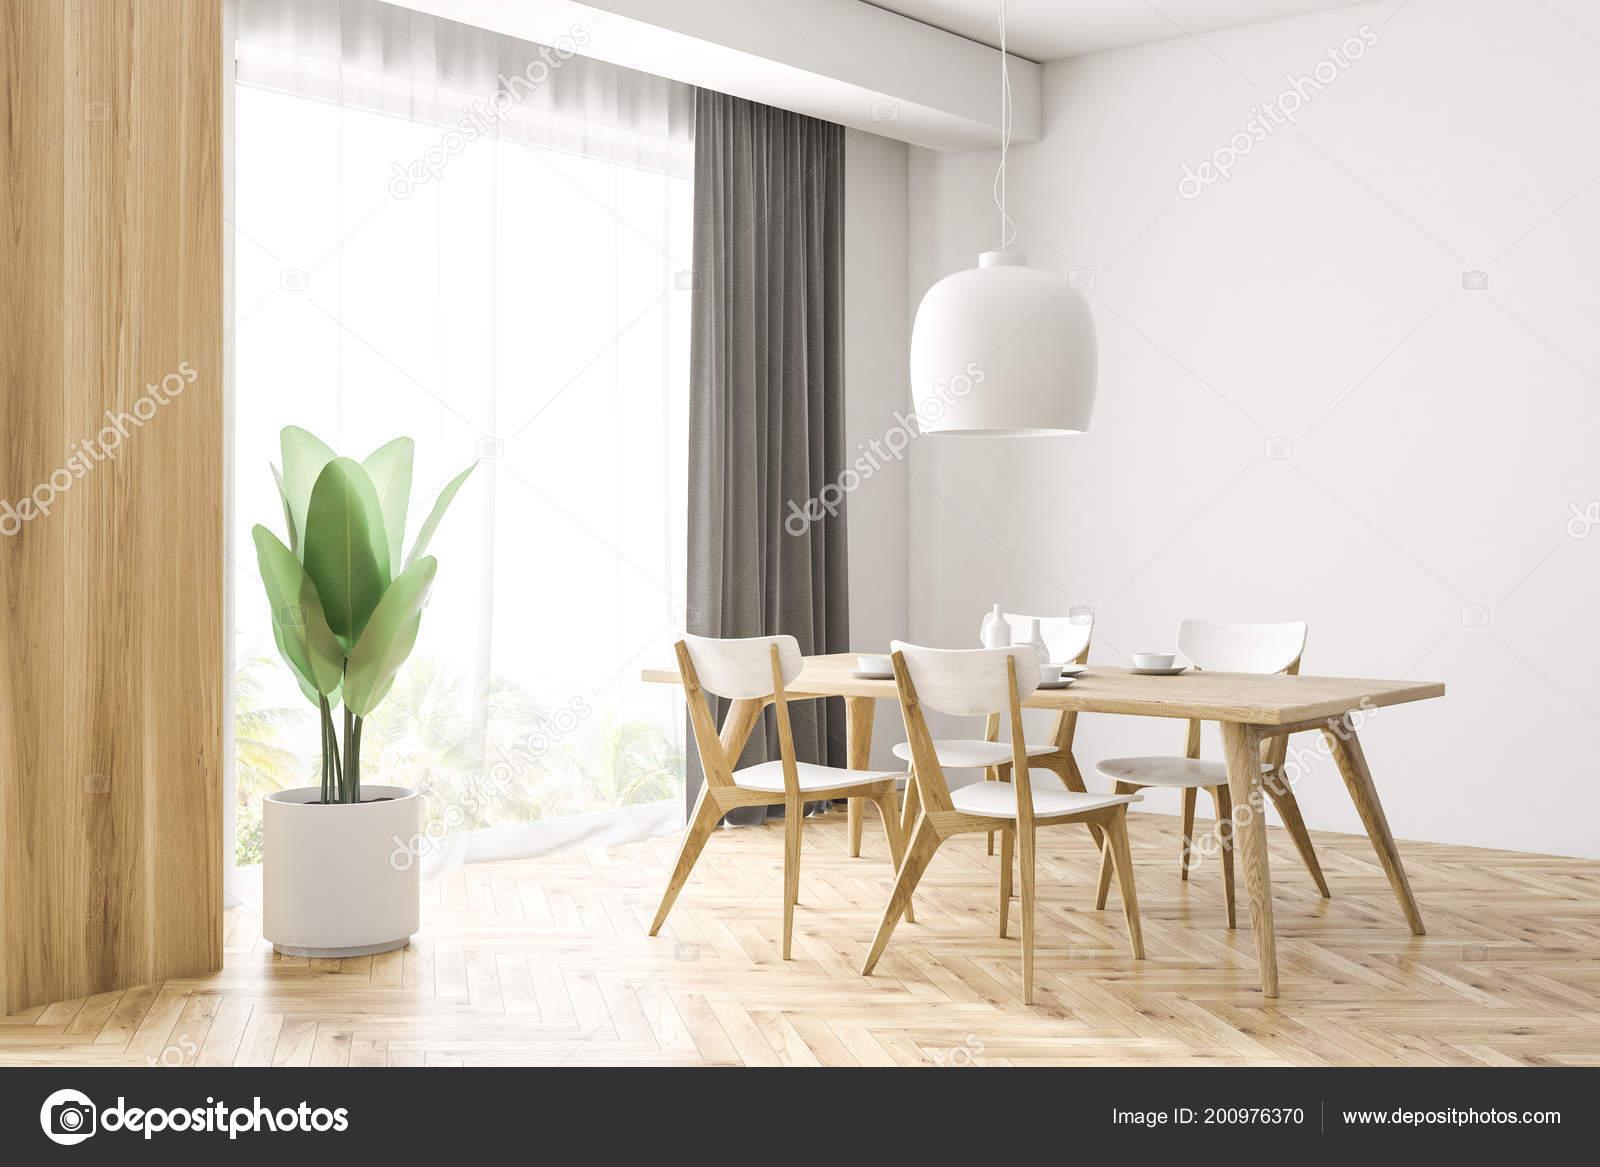 Holzfußboden Weiß ~ Weiß und holz esszimmer ecke mit einem holzfußboden ein holztisch